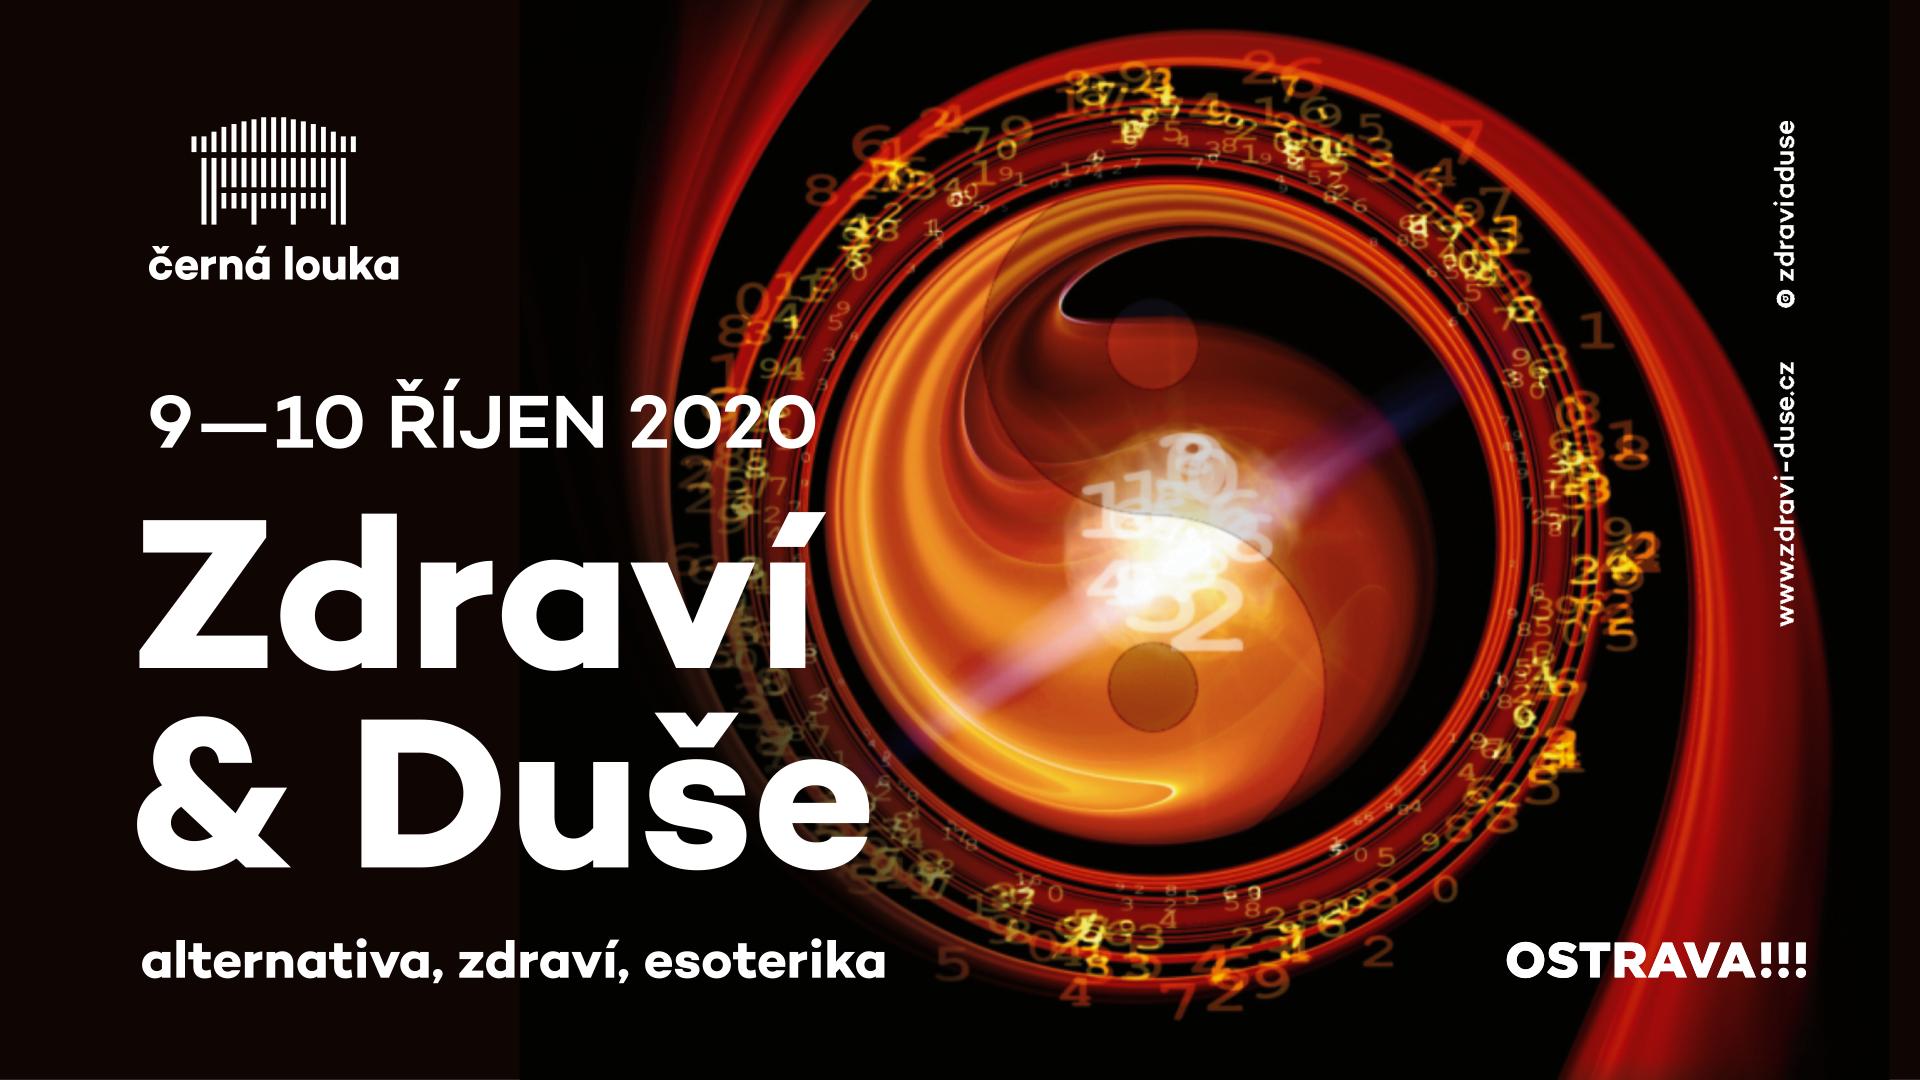 Nový Fénix | Festival Zdraví&Duše: 2 dny plné zdraví, alternativní medicíny i esoteriky.